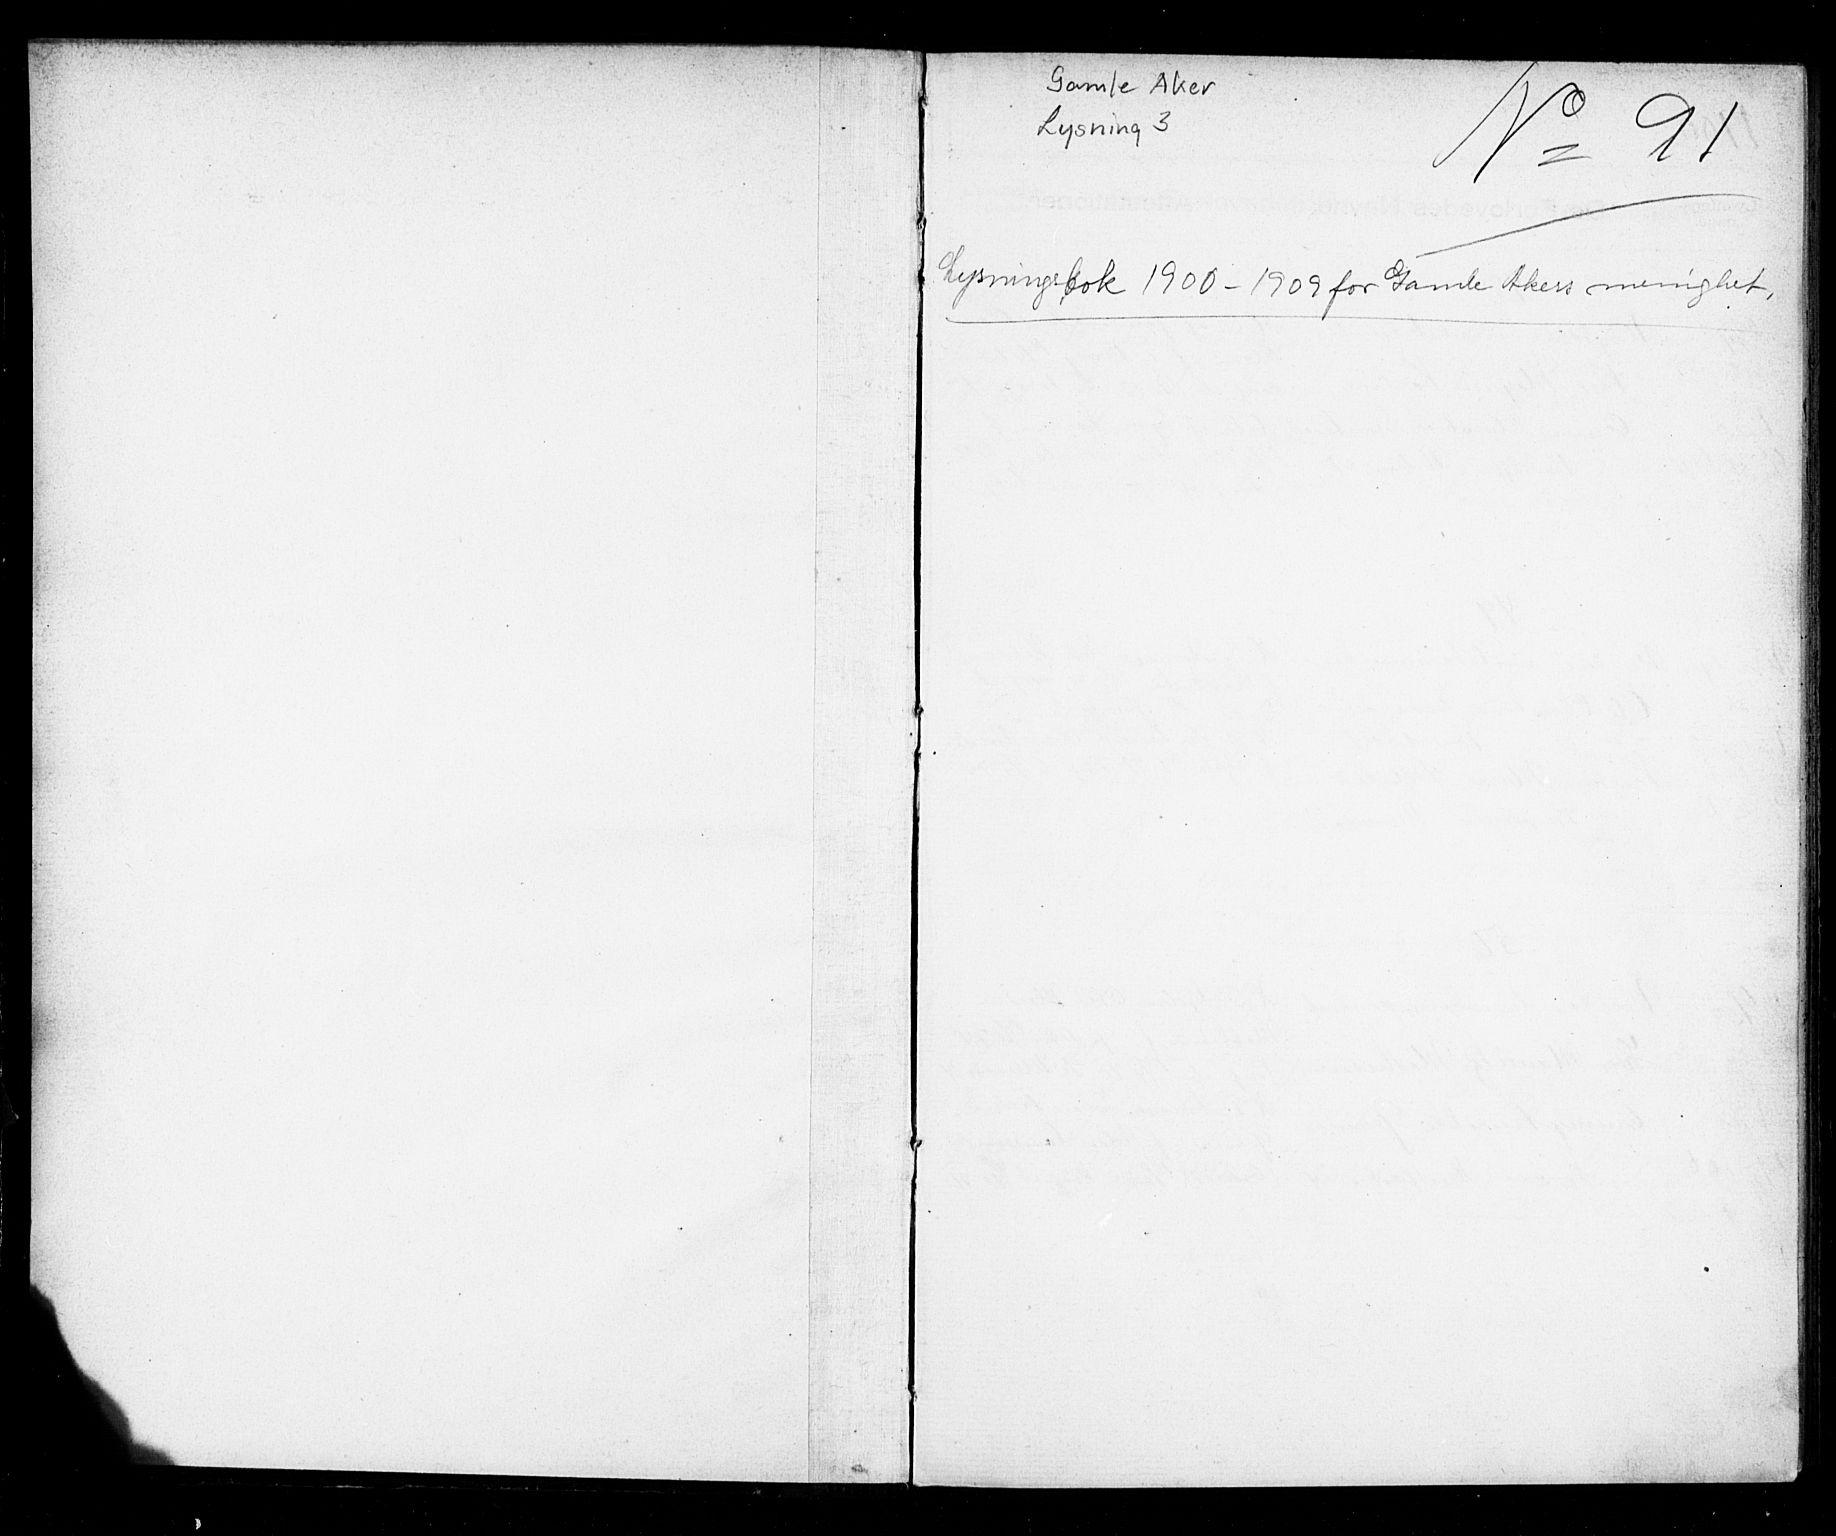 SAO, Gamle Aker prestekontor Kirkebøker, H/L0003: Lysningsprotokoll nr. 3, 1900-1909